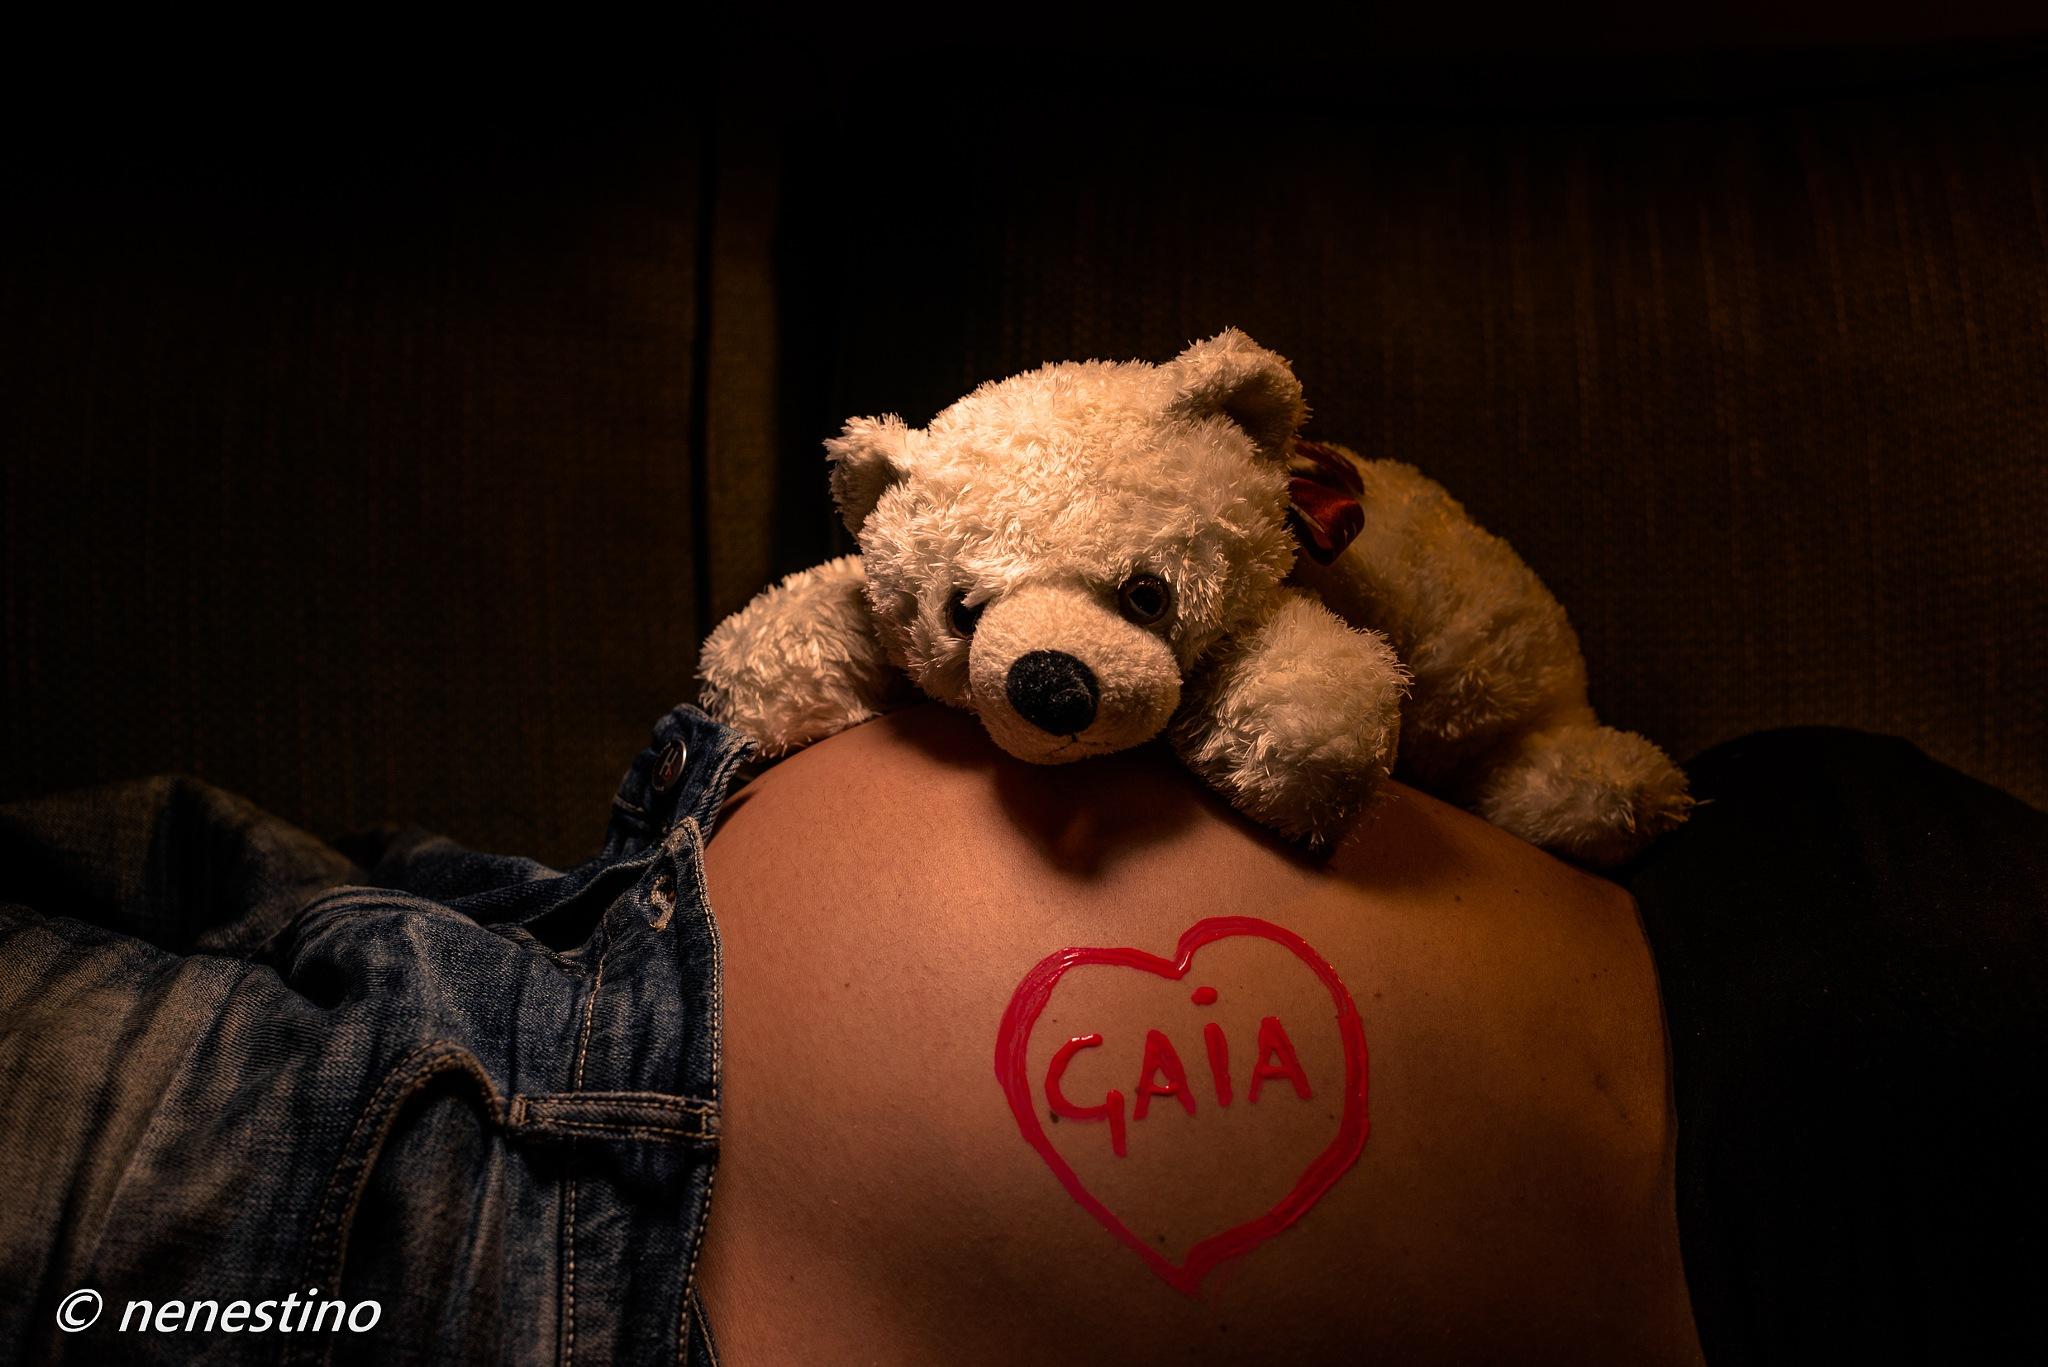 Gaia by nenestino